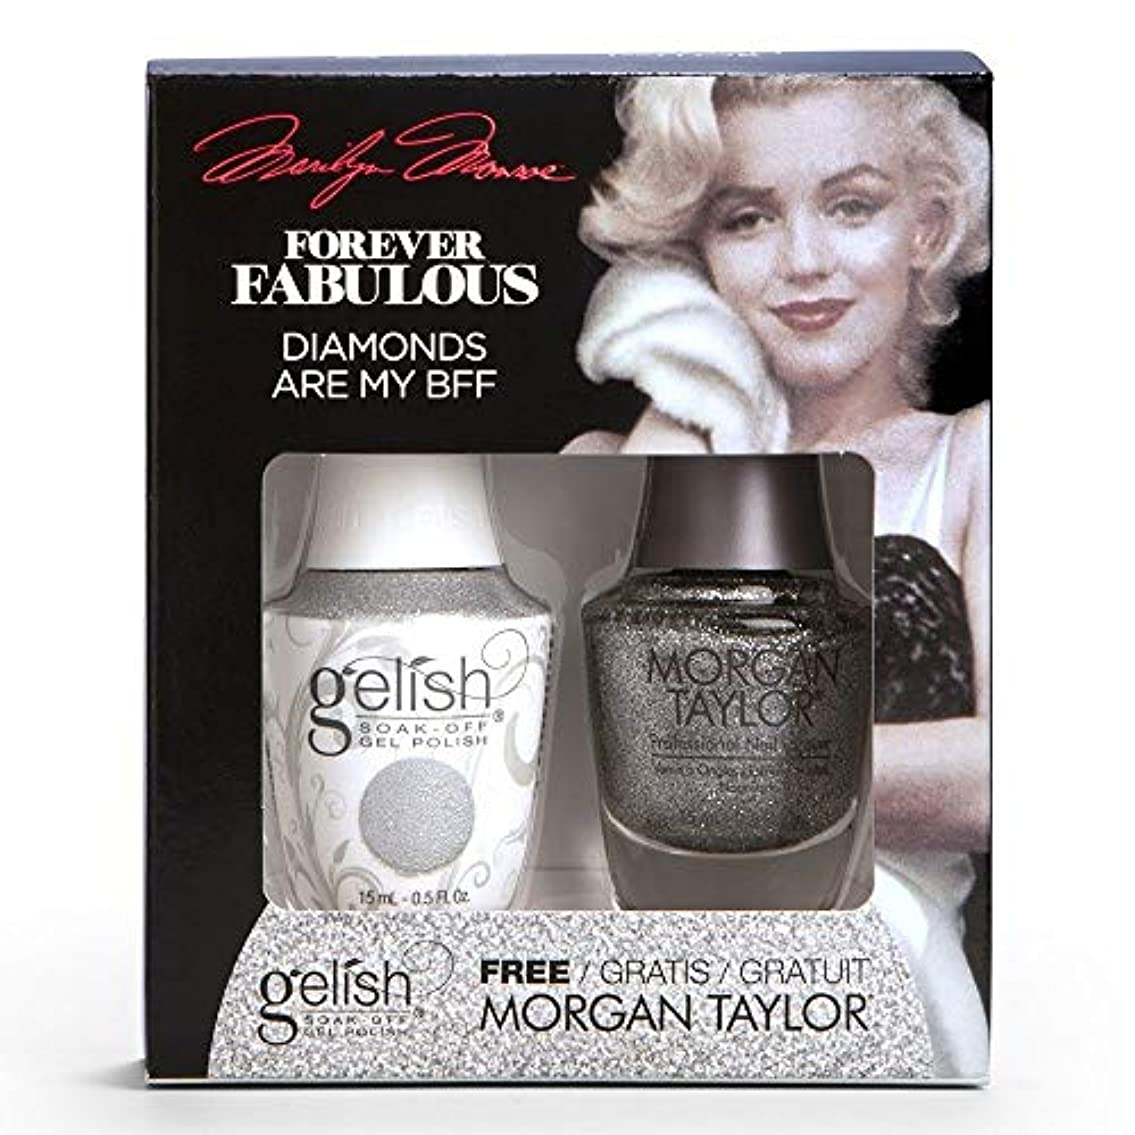 反論者スローガン懐疑的Harmony Gelish & Morgan Taylor - Two Of A Kind - Forever Fabulous Marilyn Monroe - Diamonds Are My BFF - 15 mL...